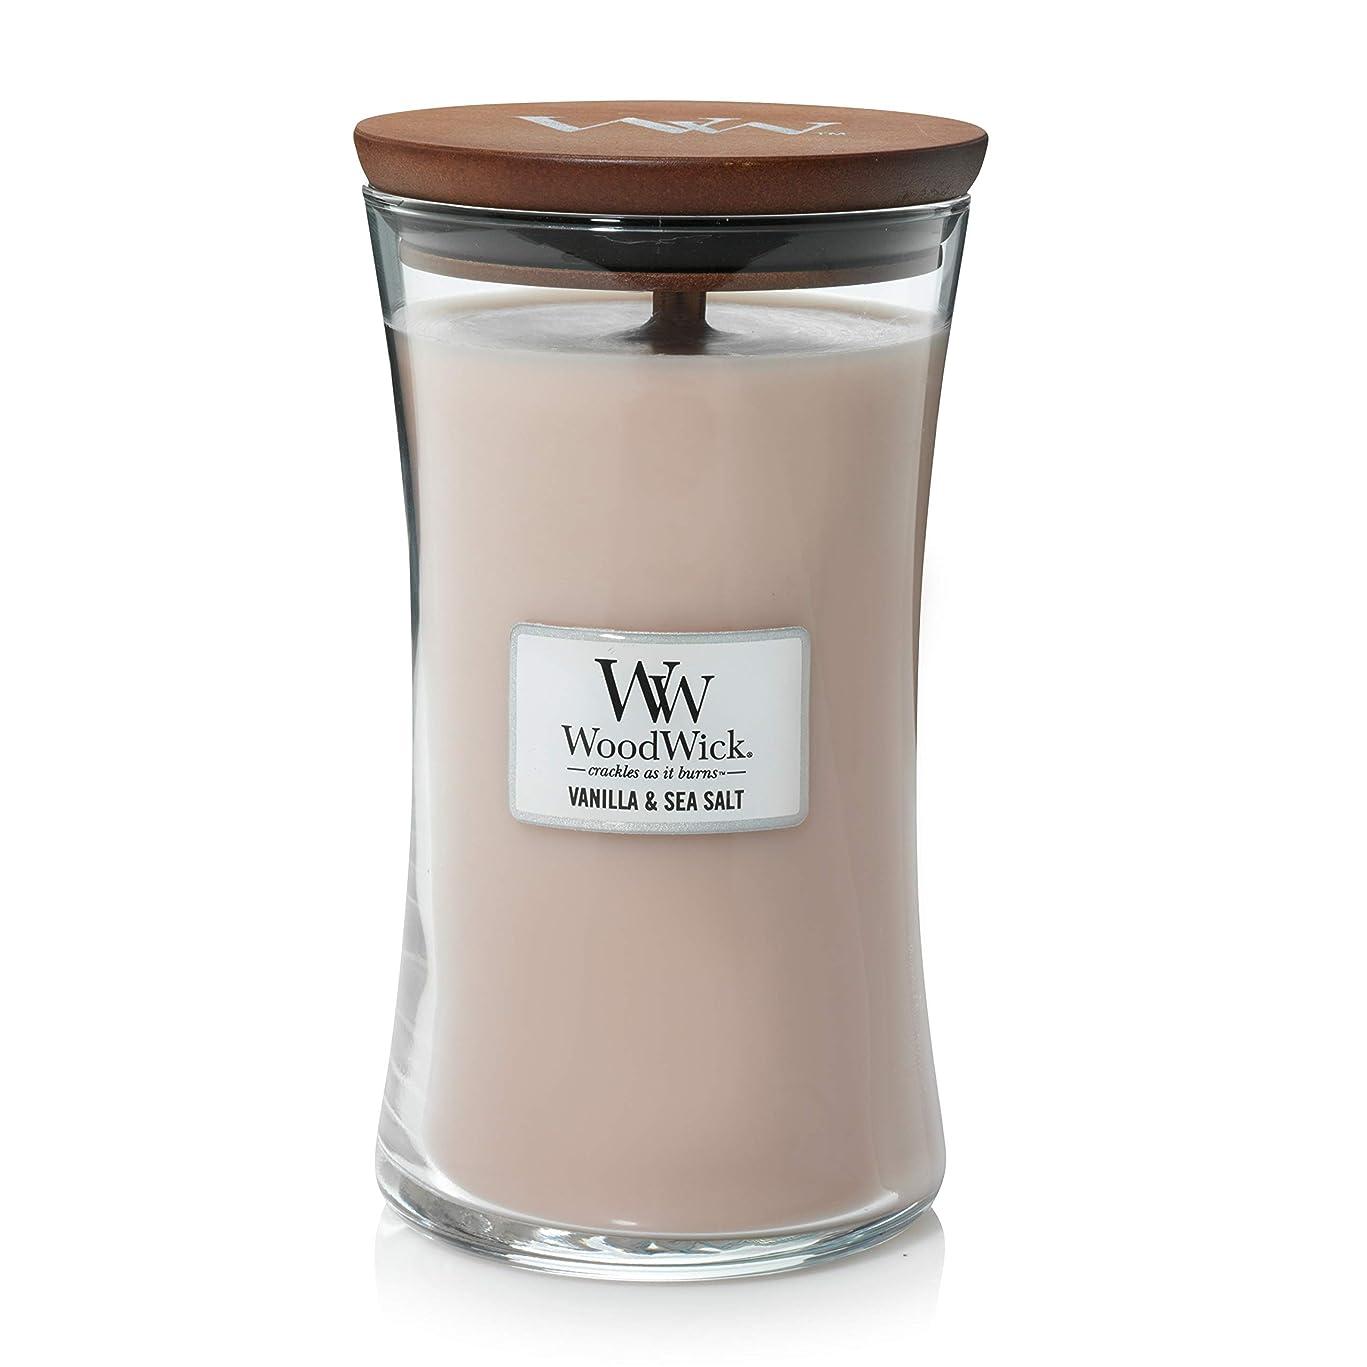 ブルジョンフライカイトそこVANILLA SEA SALT WoodWick 650ml Large Hourglass Jar Candle Burns 180 Hours